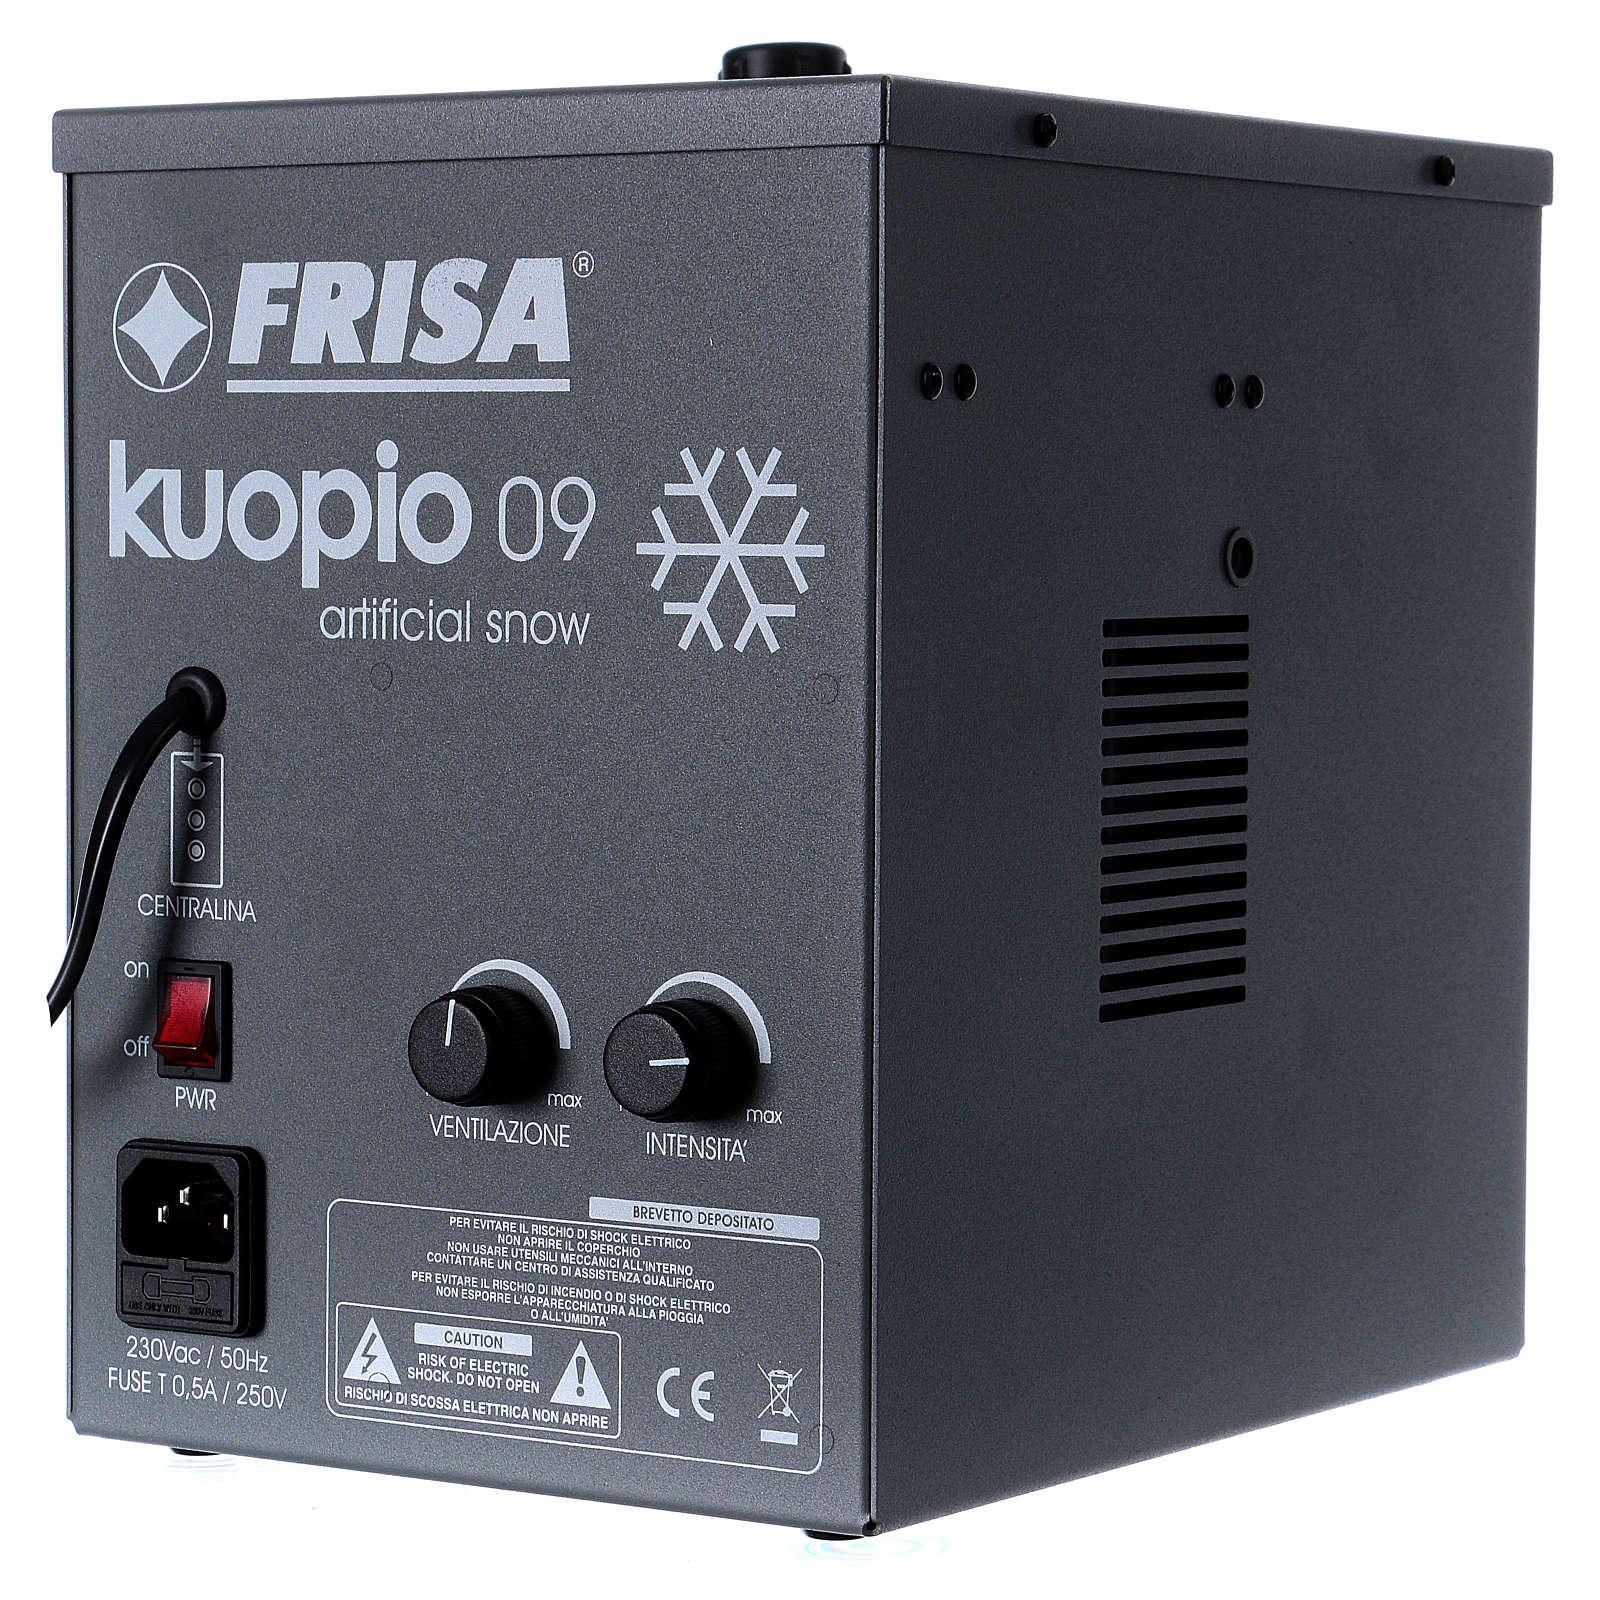 Kuopio 09: generador de nieve 4